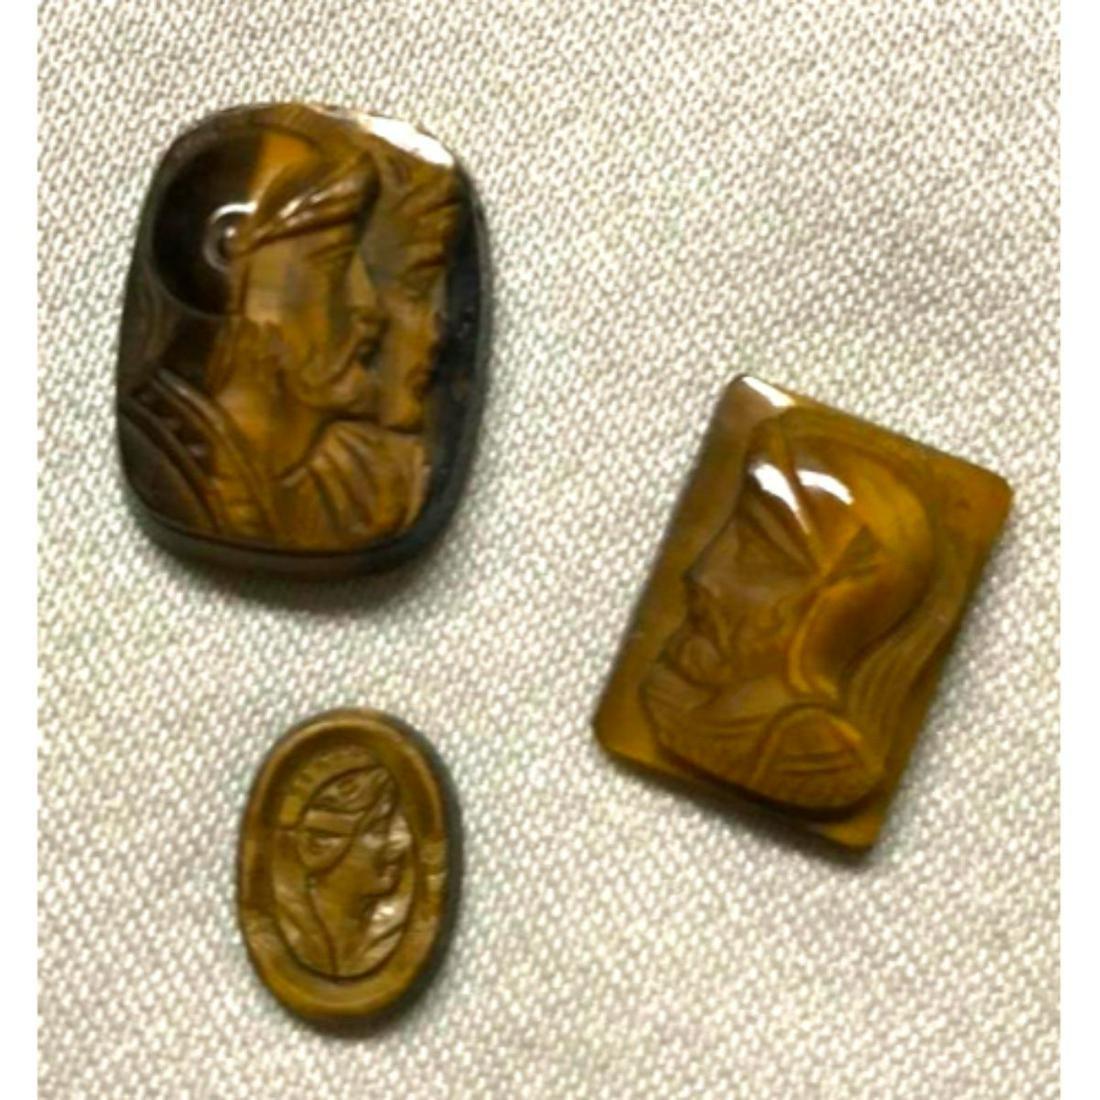 Vintage Group of Carved Tigers Eye Gemstones, Roman